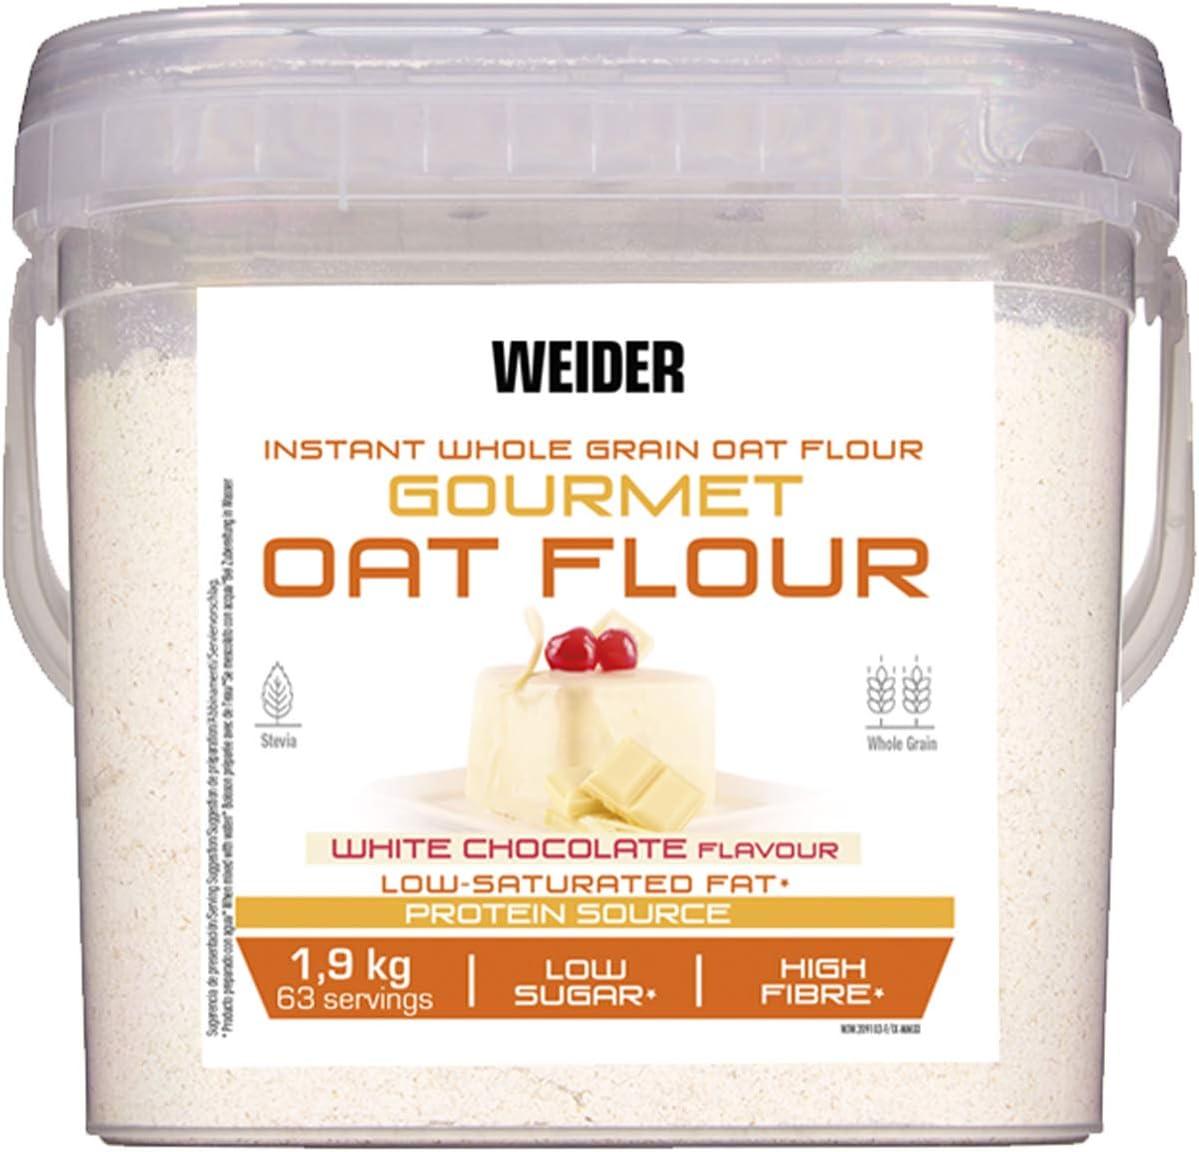 Weider Oat Gourmet Harina de Avena Integral, Fuente de proteína con bajo contenido en azúcares, Sabor Chocolate blanco (1,9 kg)